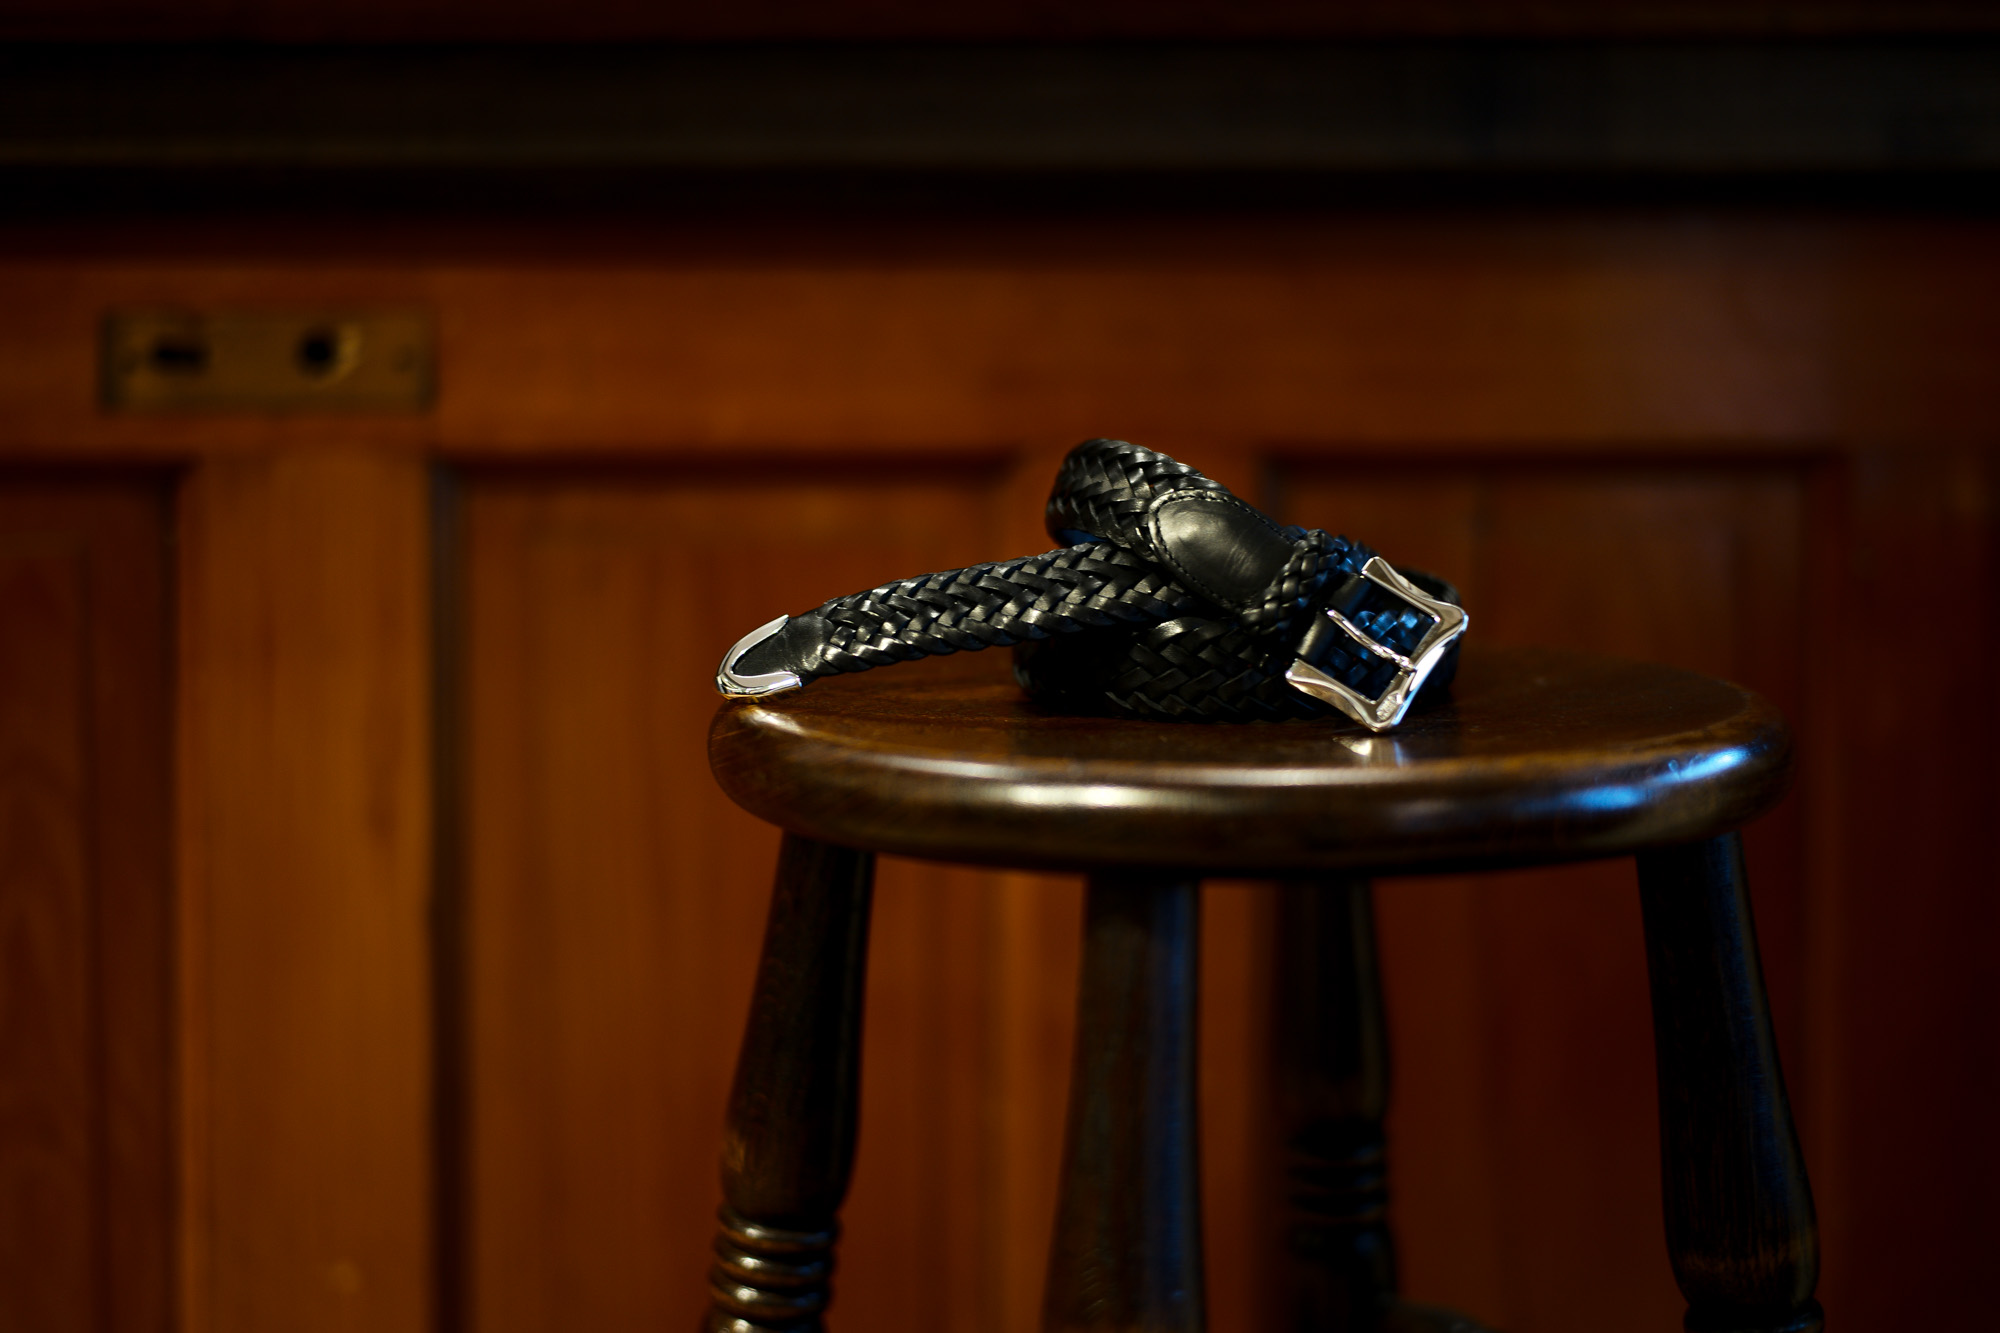 J&M DAVIDSON (ジェイアンドエムデヴィッドソン) ENVELOPE BUCKLE TIP END PLAITED BELT 30MM (エンベロープバックルチップエンドプレーテッドベルト 30mm) COWHIDE LEATHER (カウハイドレザー) プンターレ メッシュベルト BLACK (ブラック・999) Made in spain (スペイン製) 2021秋冬新作 JMDAVIDSON 愛知 名古屋 Alto e Diritto altoediritto アルトエデリット